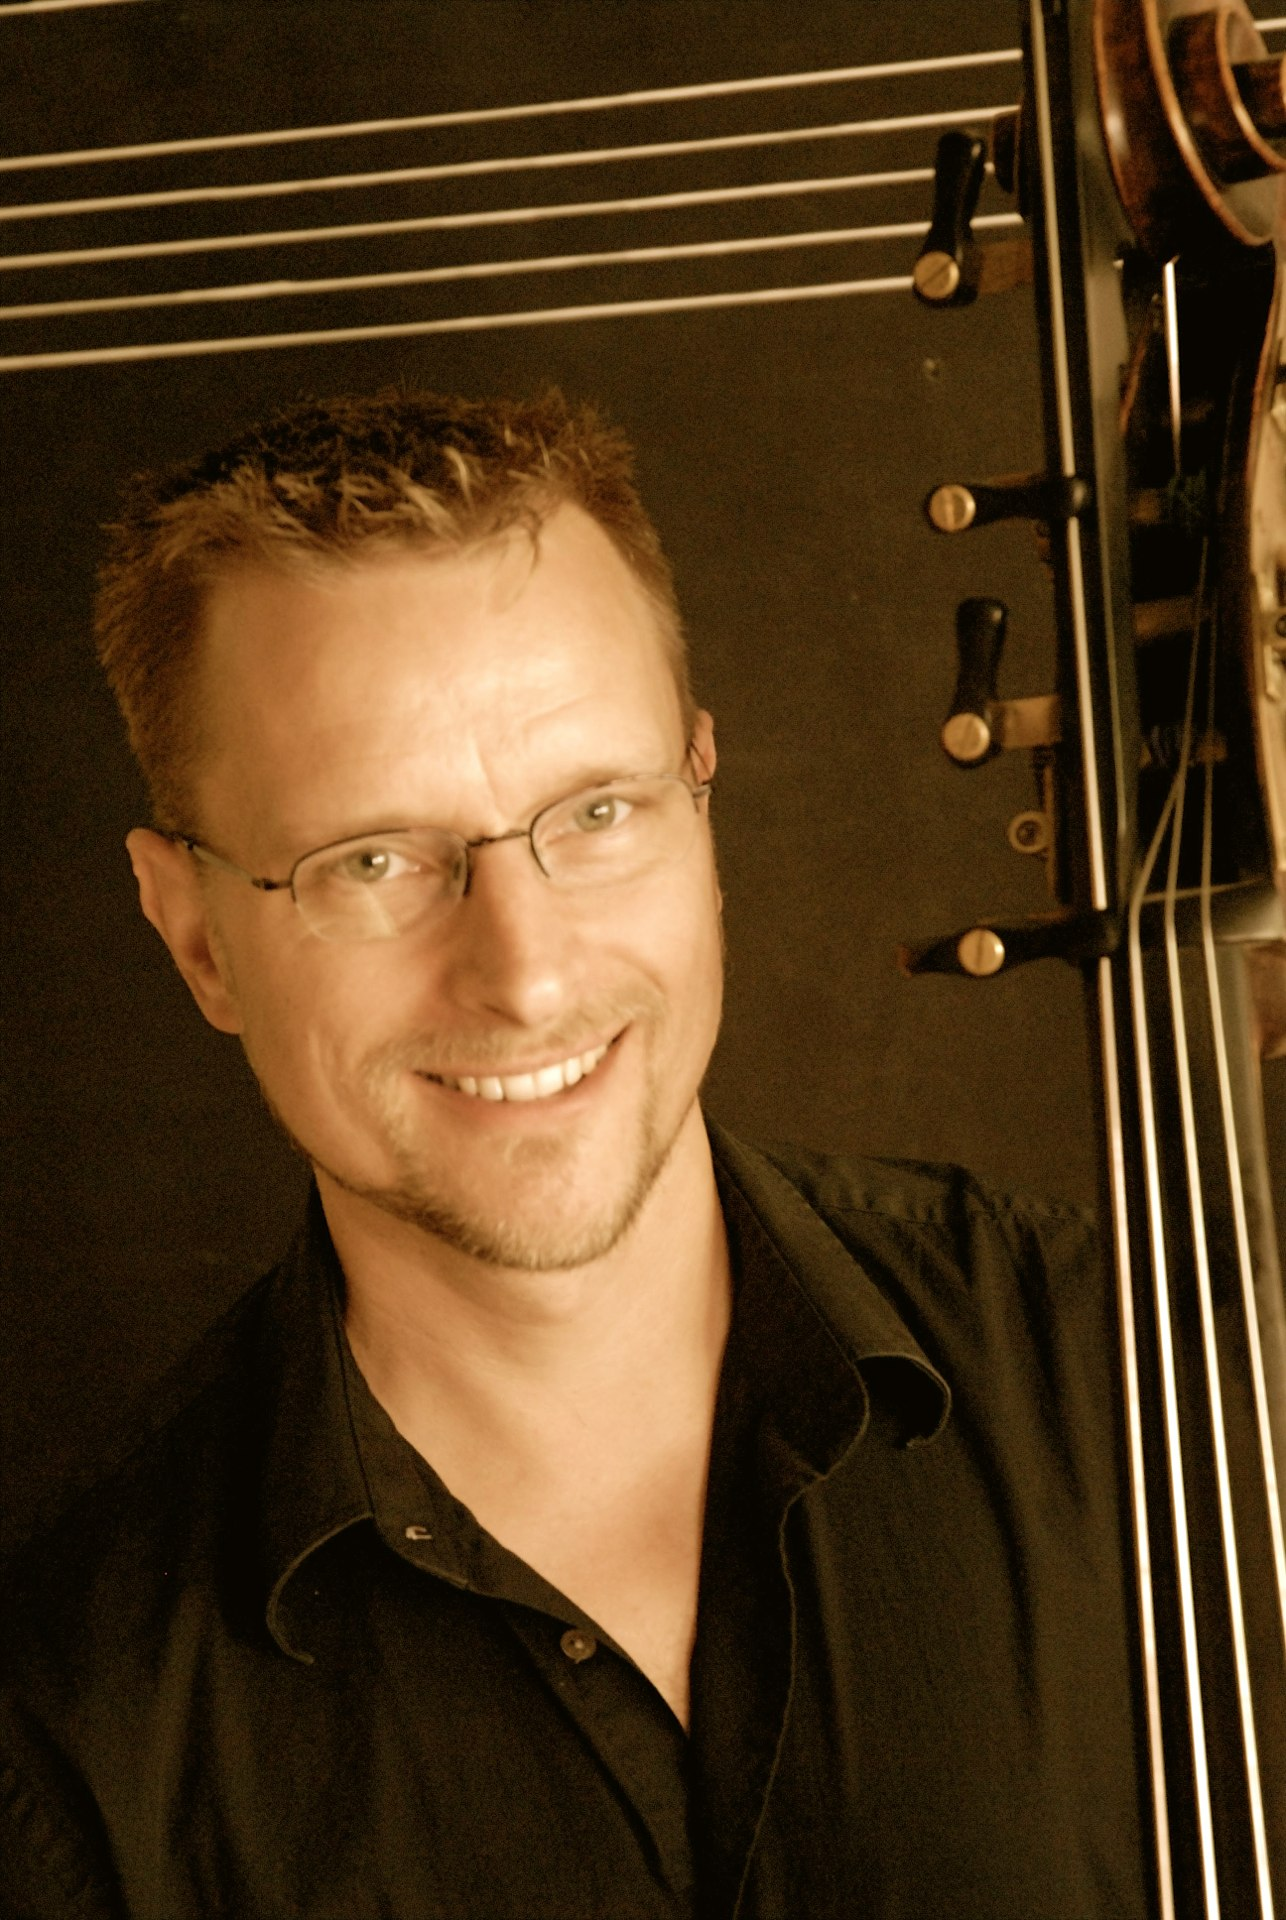 Stephen-Schermer-Walla-Walla-Chamber-Music-Festival.jpg